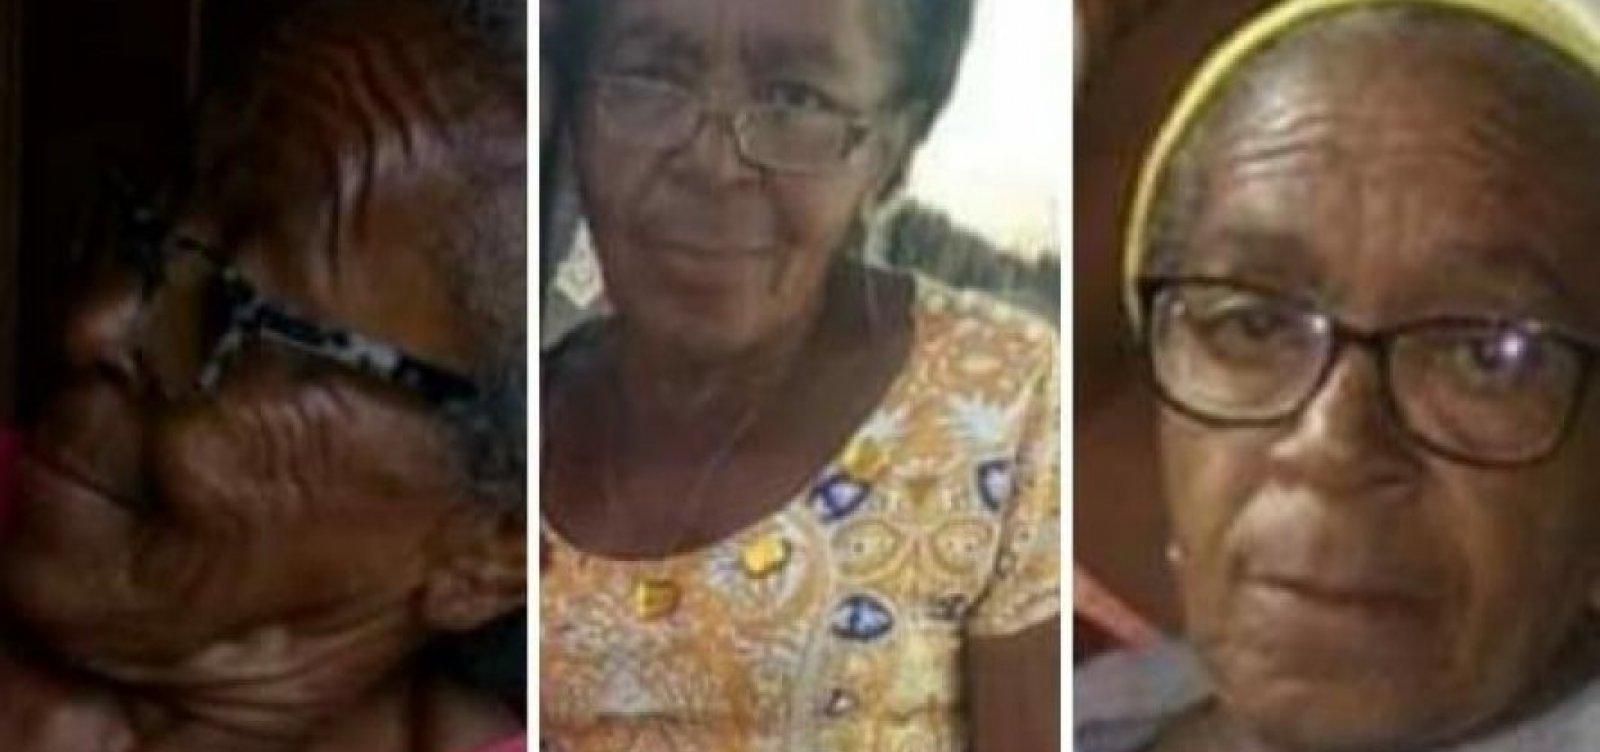 Irmã de vereador que estava desaparecida é encontrada no Comércio